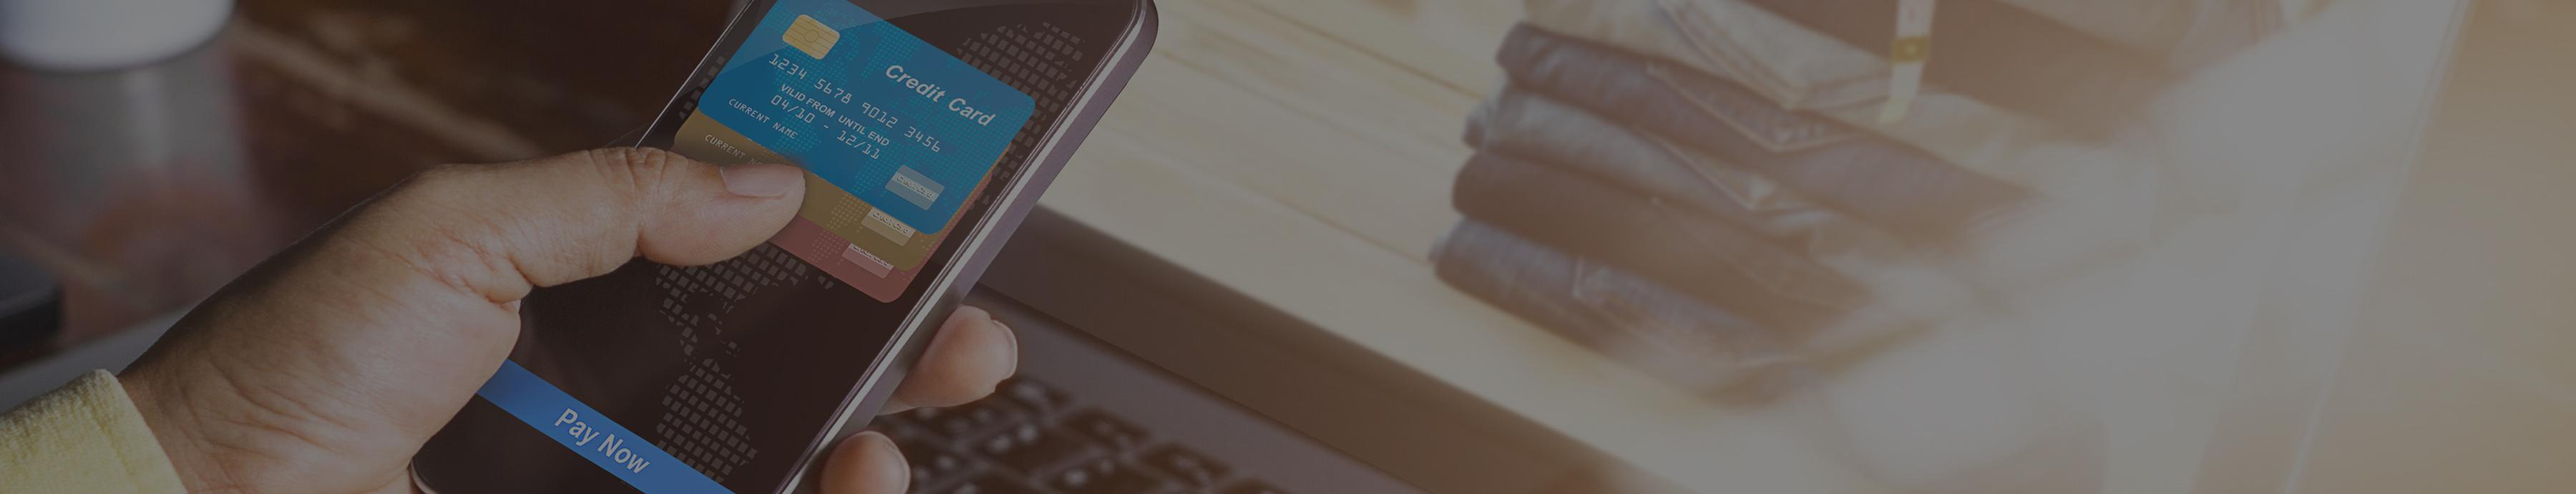 Smartphone Sicherheit für Daten und Gerät